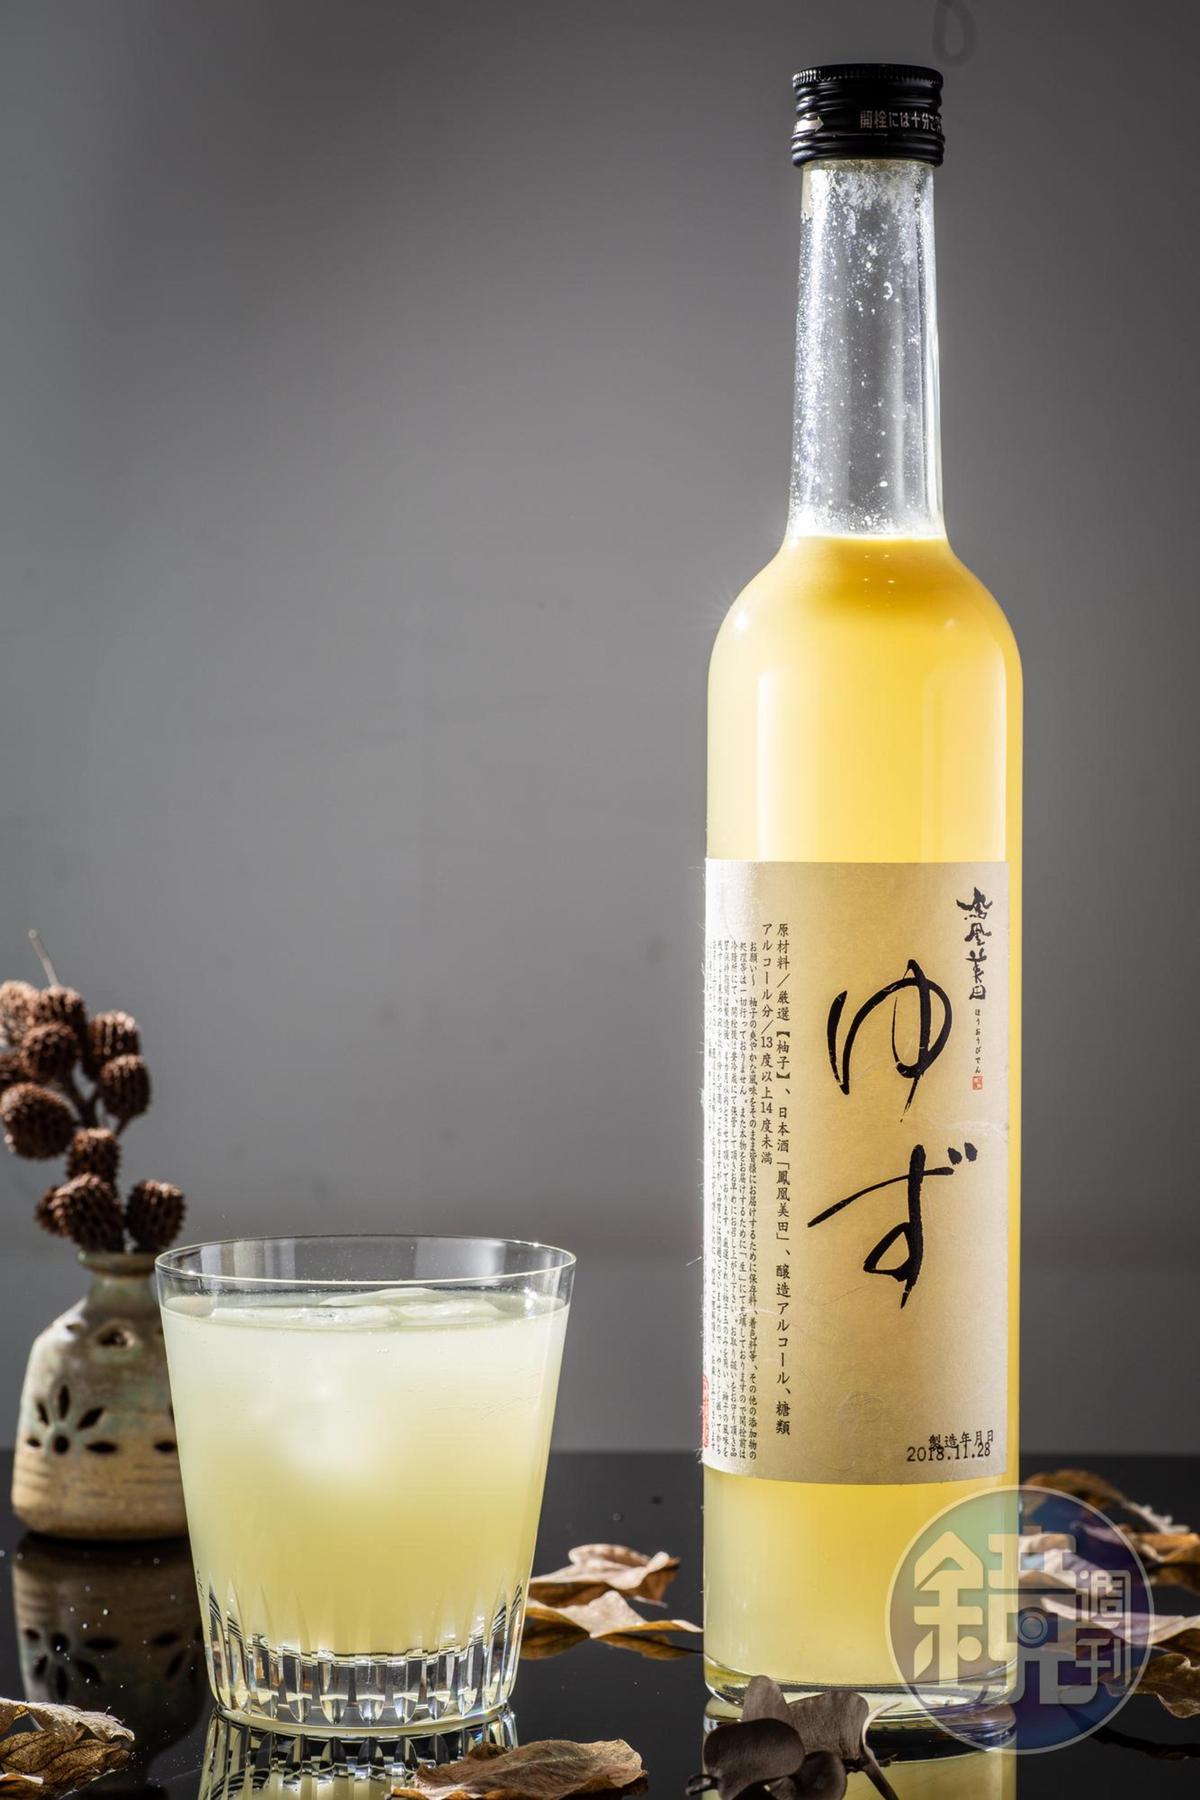 「鳳凰美田柚子酒 」的柚香濃重,酸氣和微苦味突出,尾韻有吟釀的醇厚。(1,190元/瓶)